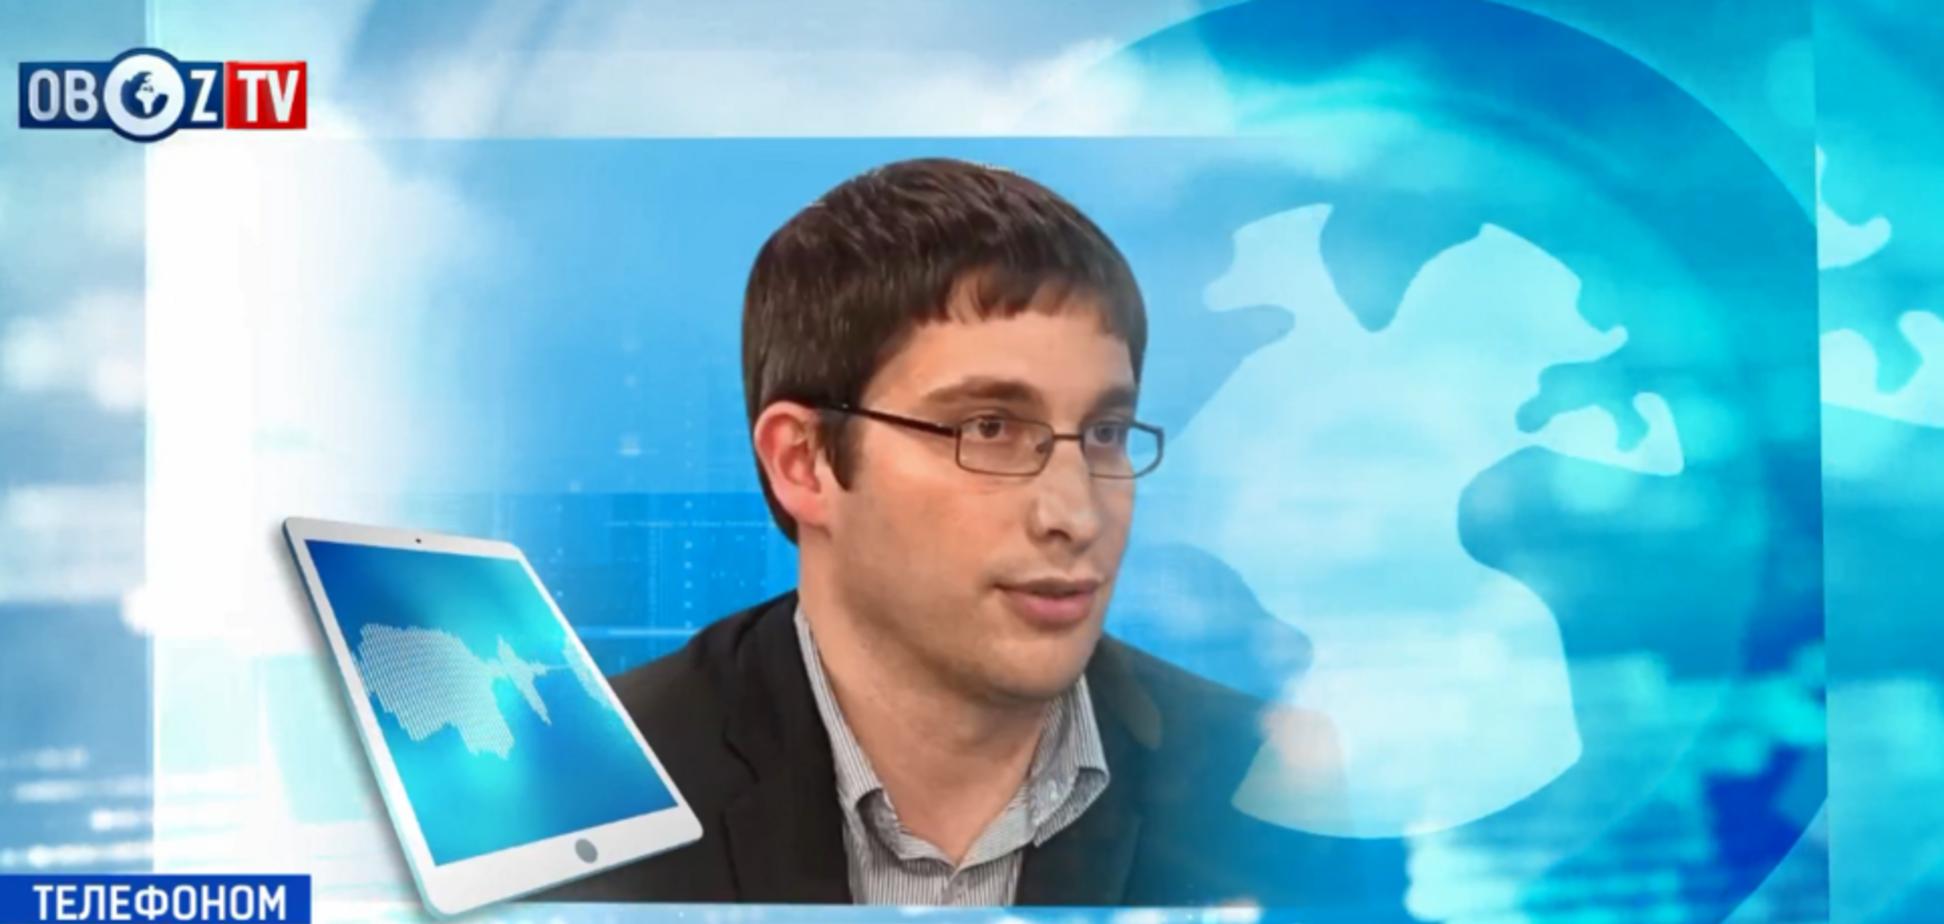 'Ризик дуже великий': юрист спрогнозував долю люстрації в Україні